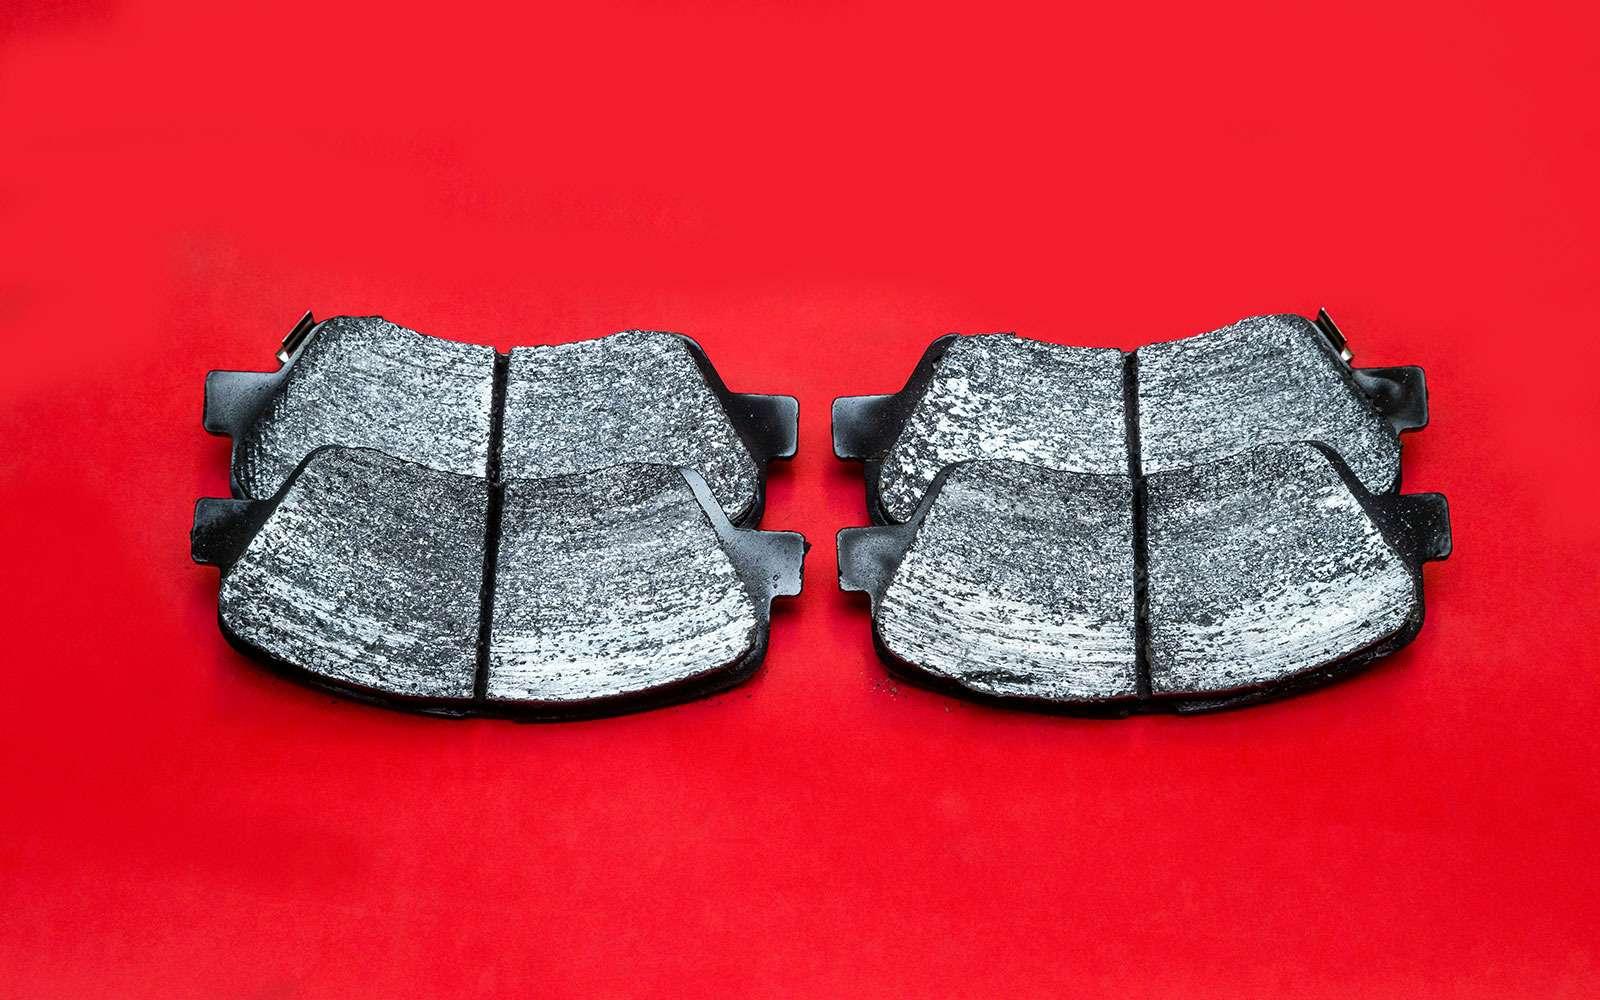 Тест тормозных колодок дляСоляриса иРио: горячая линия— фото 623334